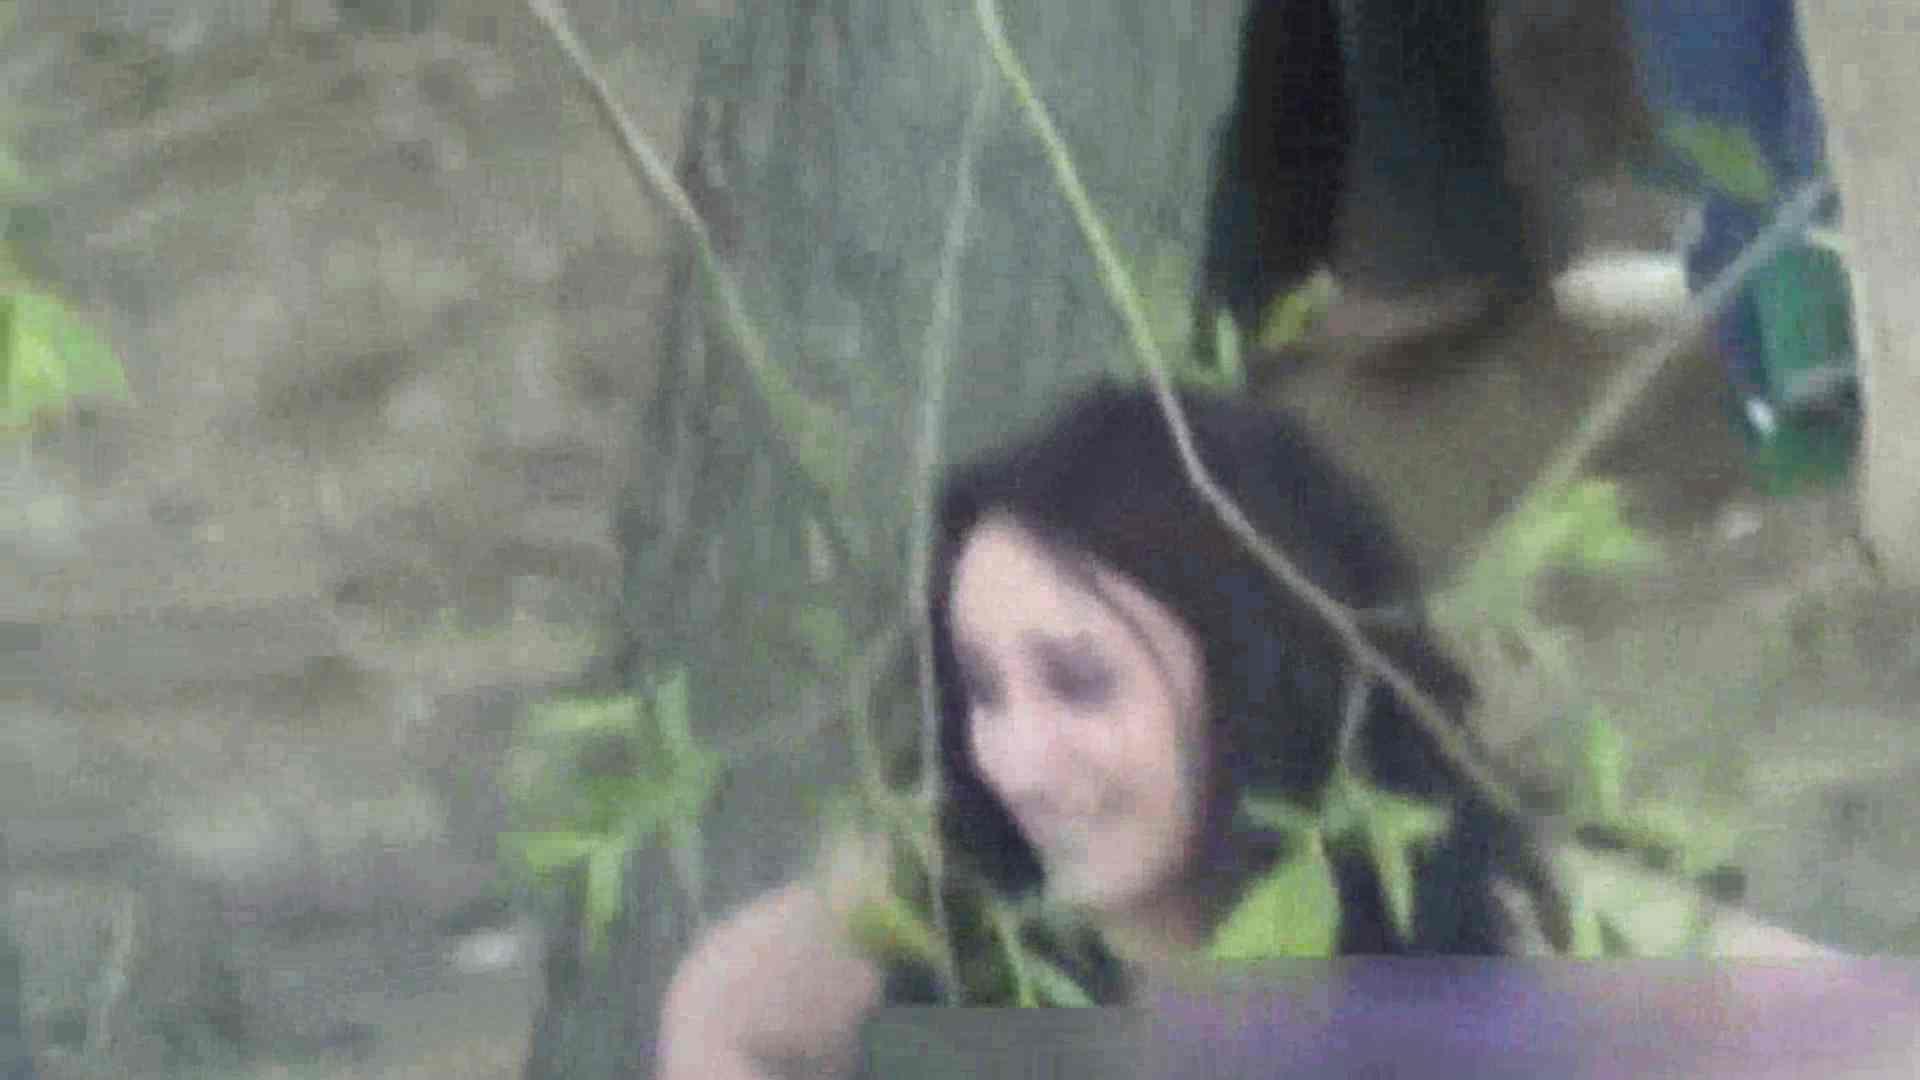 森の妖精 外人さんの聖なる水Vol.03 OLの実態 のぞきエロ無料画像 60pic 29